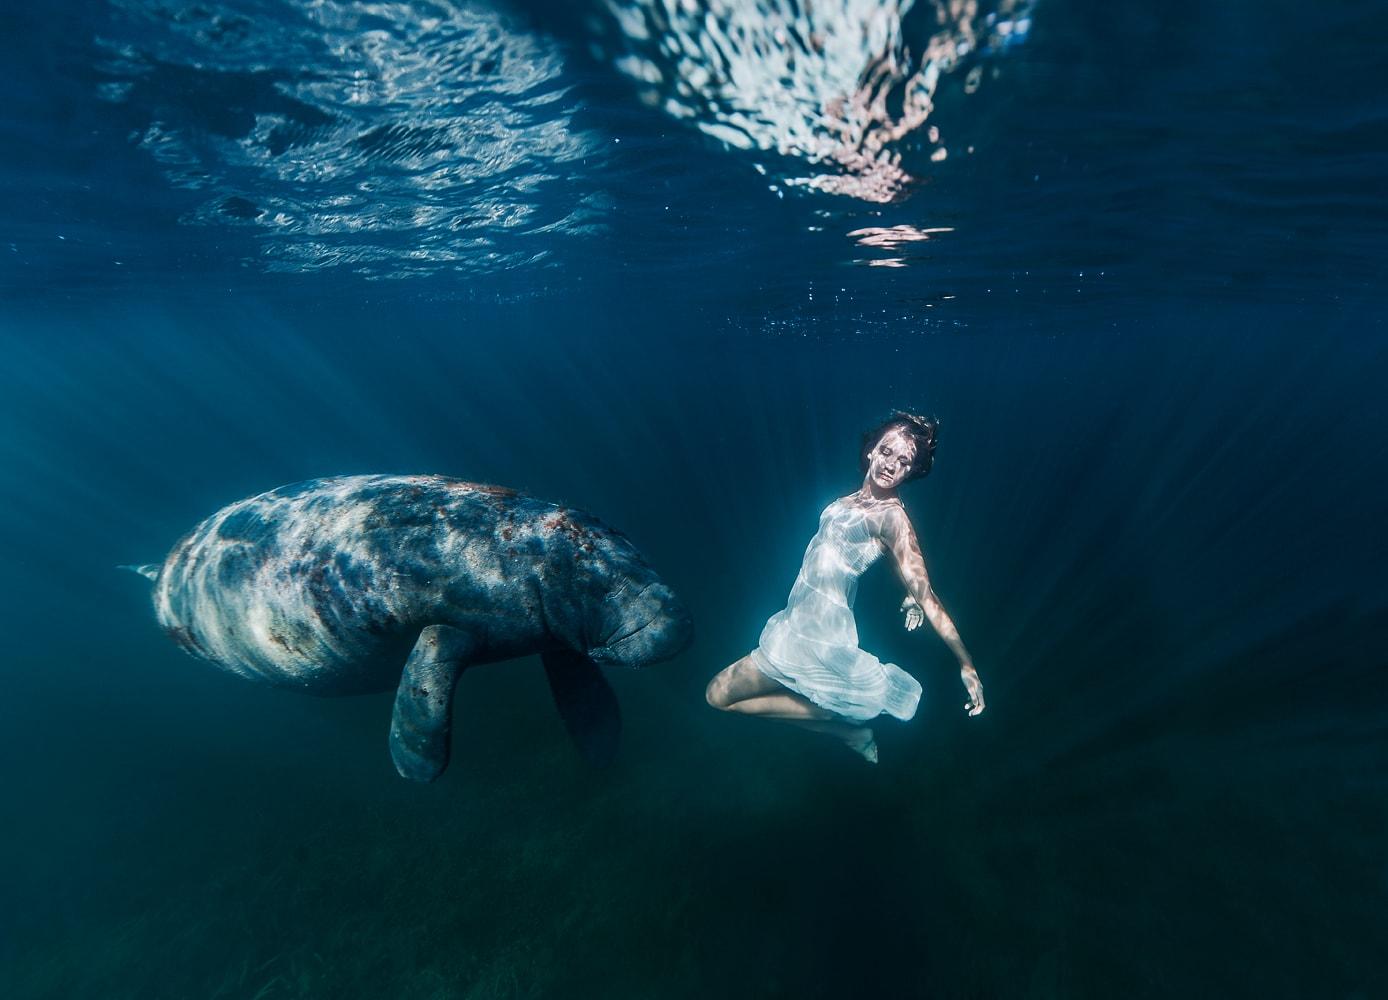 fotografía mujer sumergida de Elena Kalis